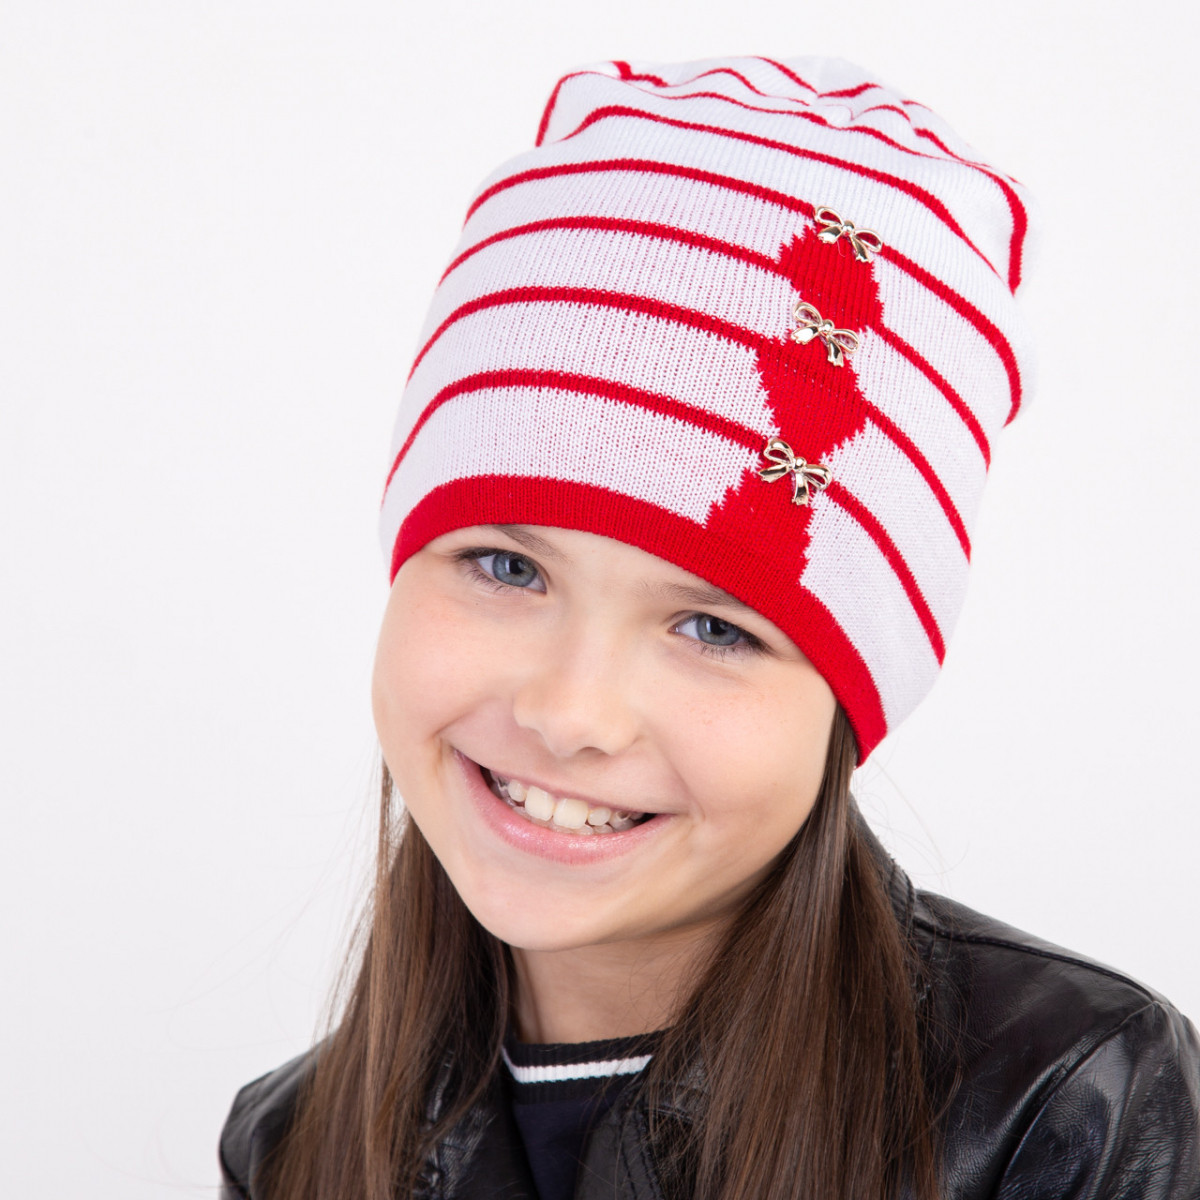 Осіння шапка для дівчинки оптом - Артикул 1602